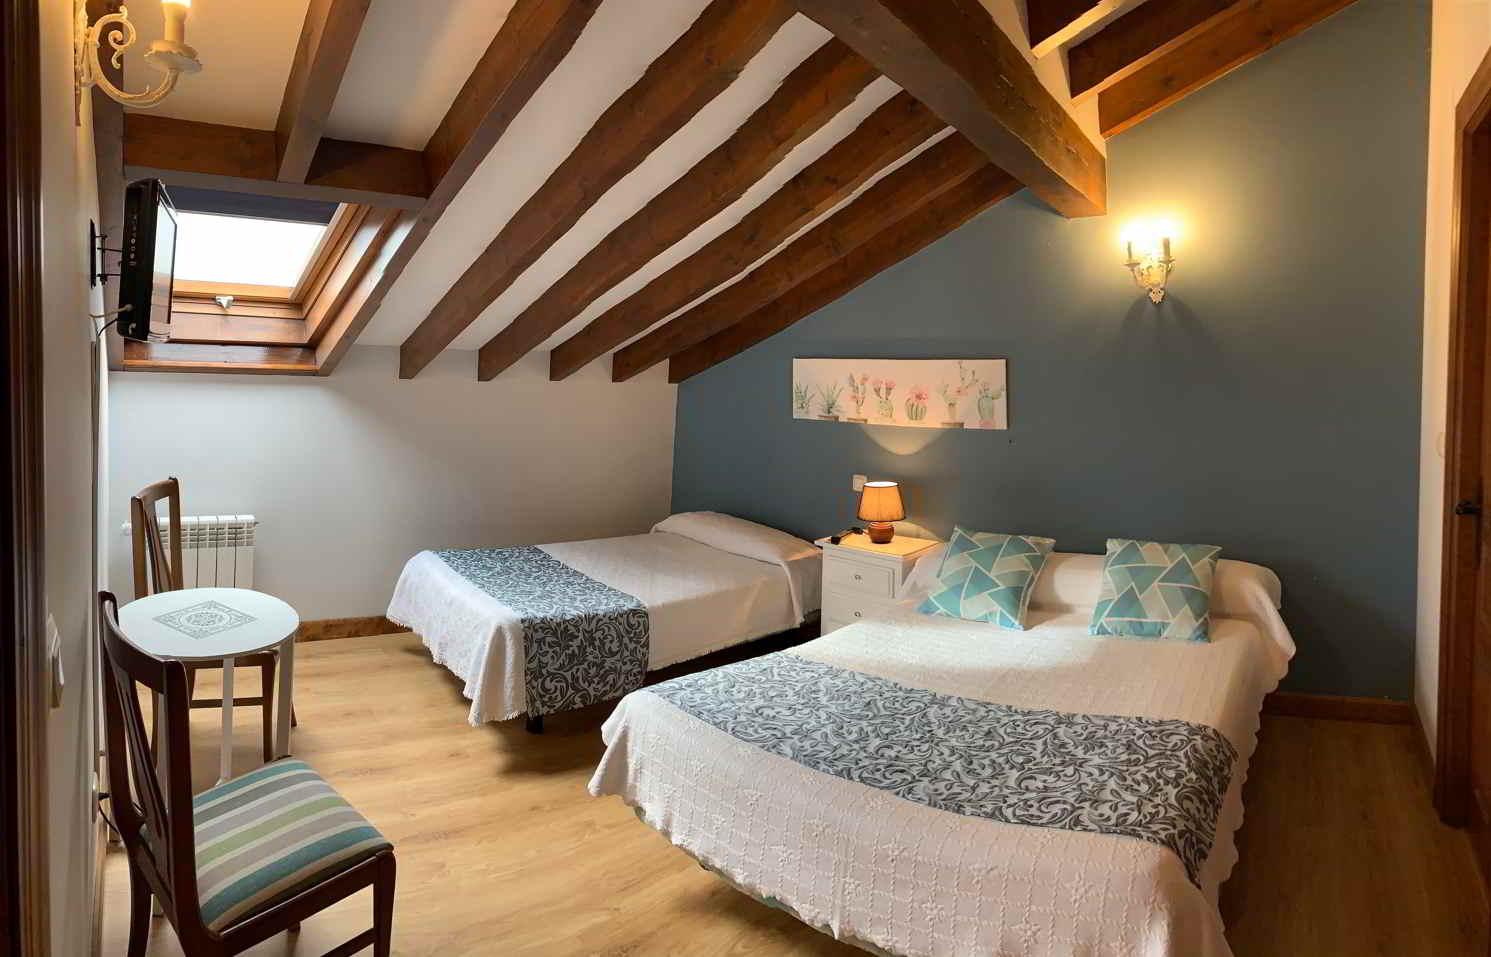 hotel_casa rural_cantabria_grupos grandes_mascotas_san vicente de la barquera_comillas_llanes (5)